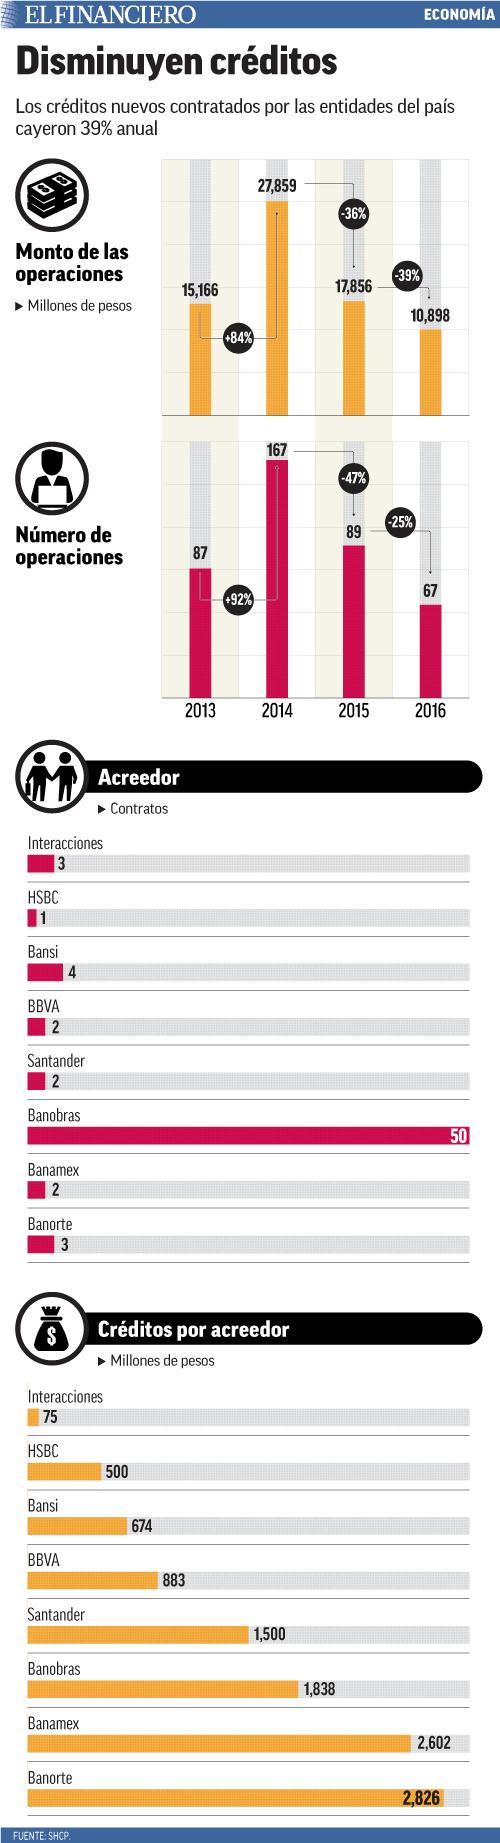 Los créditos nuevos contratados por las entidades del país cayeron 39% anual